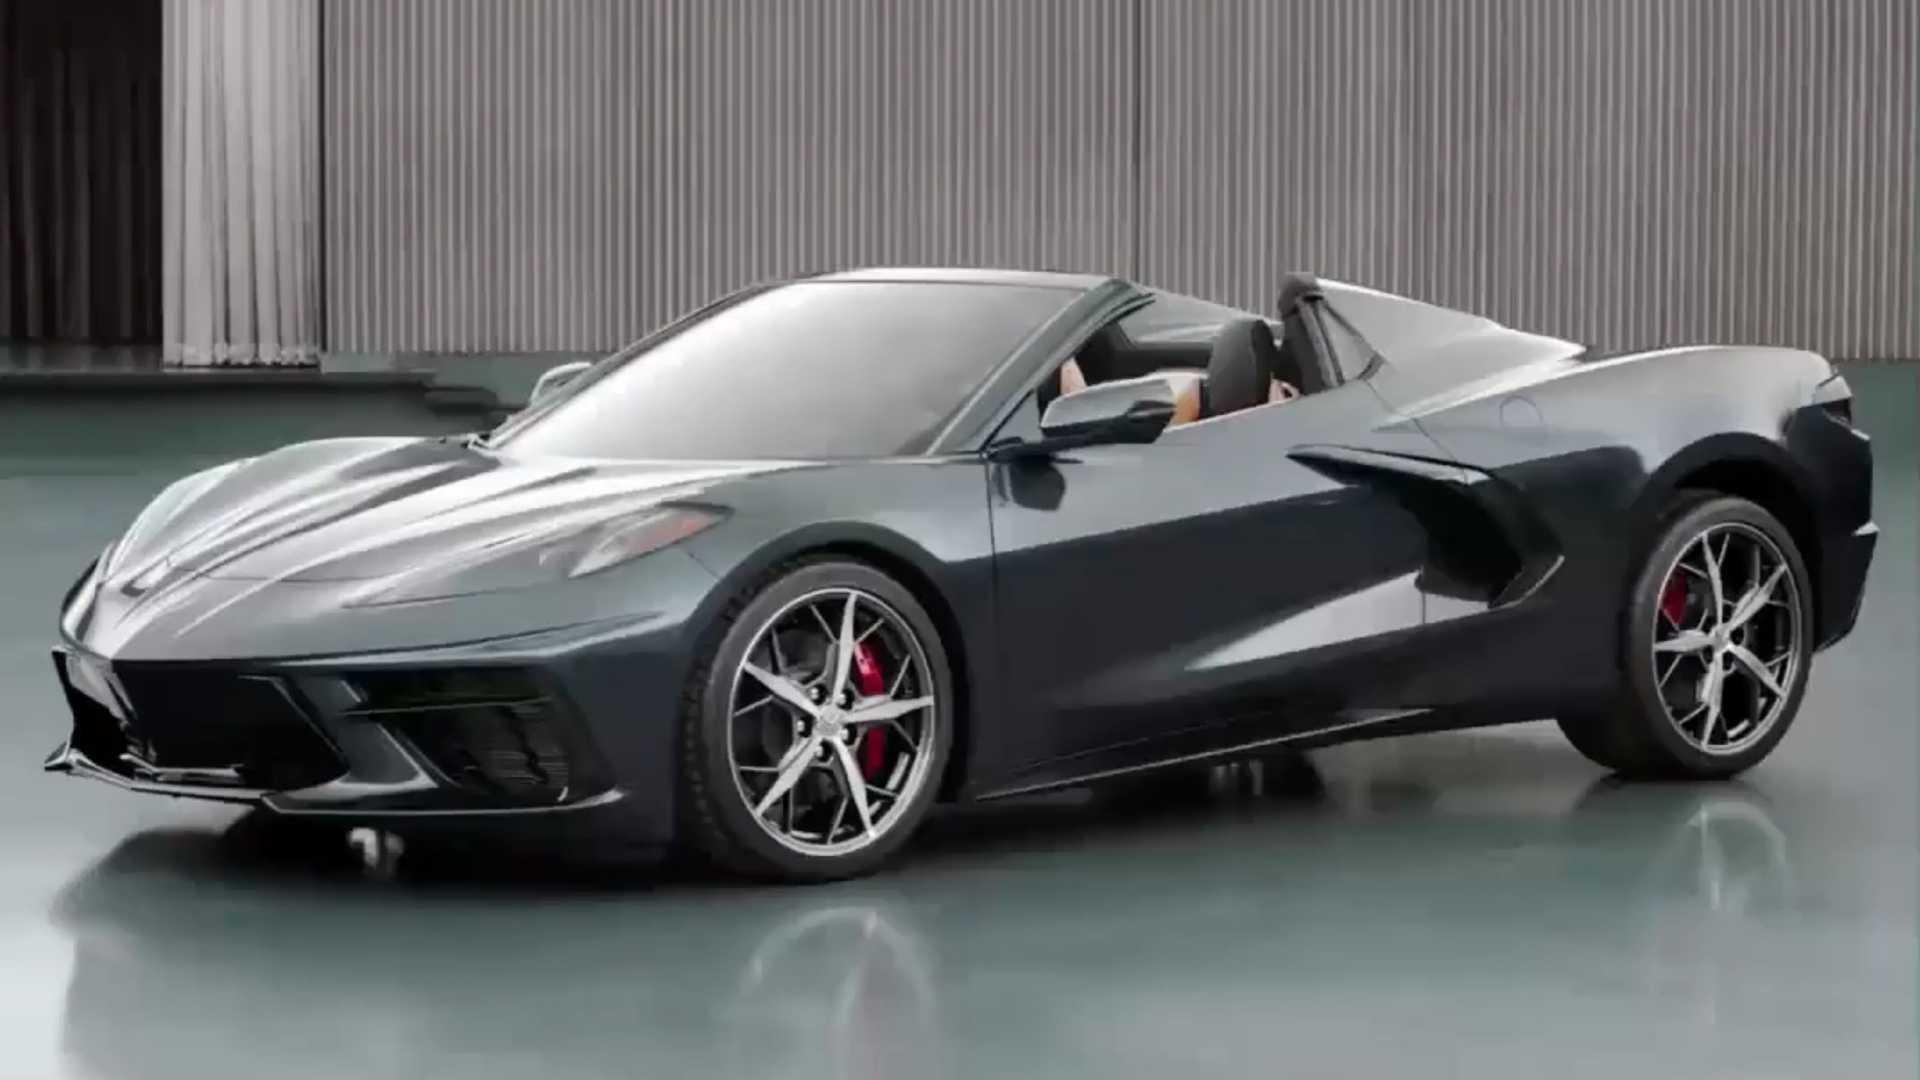 Новый кабриолет Chevrolet Corvette C8 рассекречен на официальном видео